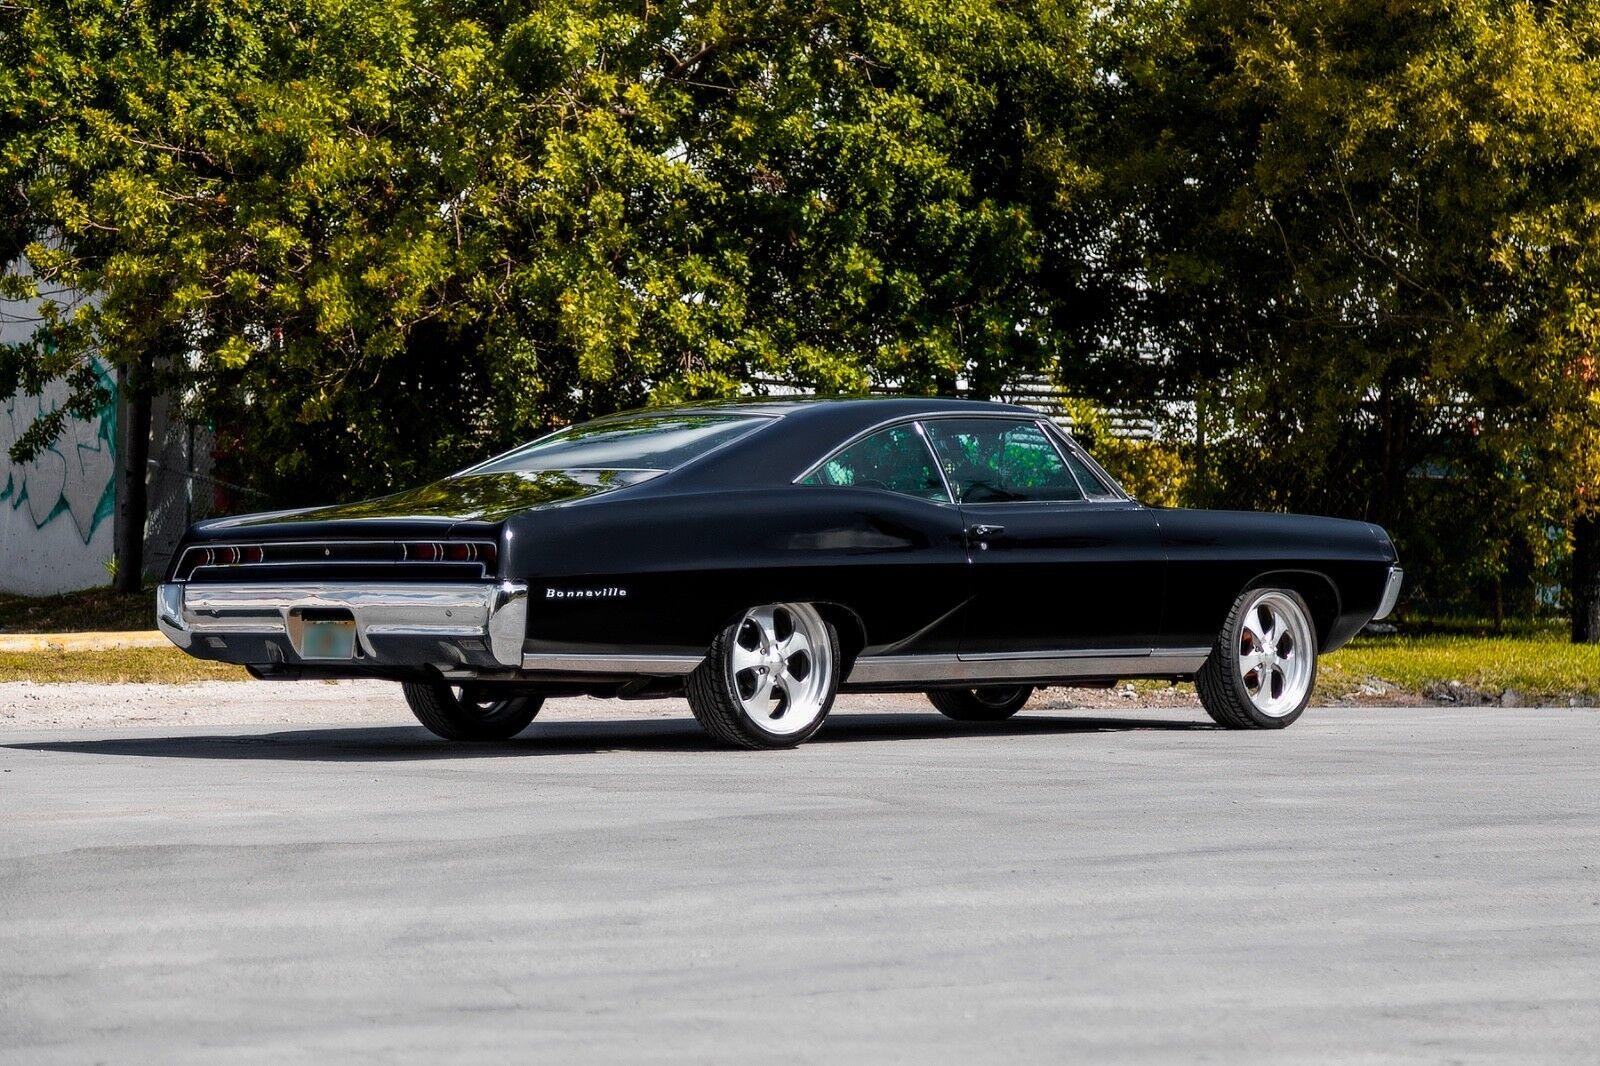 1967 Pontiac Bonneville  1967 Pontiac Bonneville. Black in Black.Hard to find. Hot car for collector.